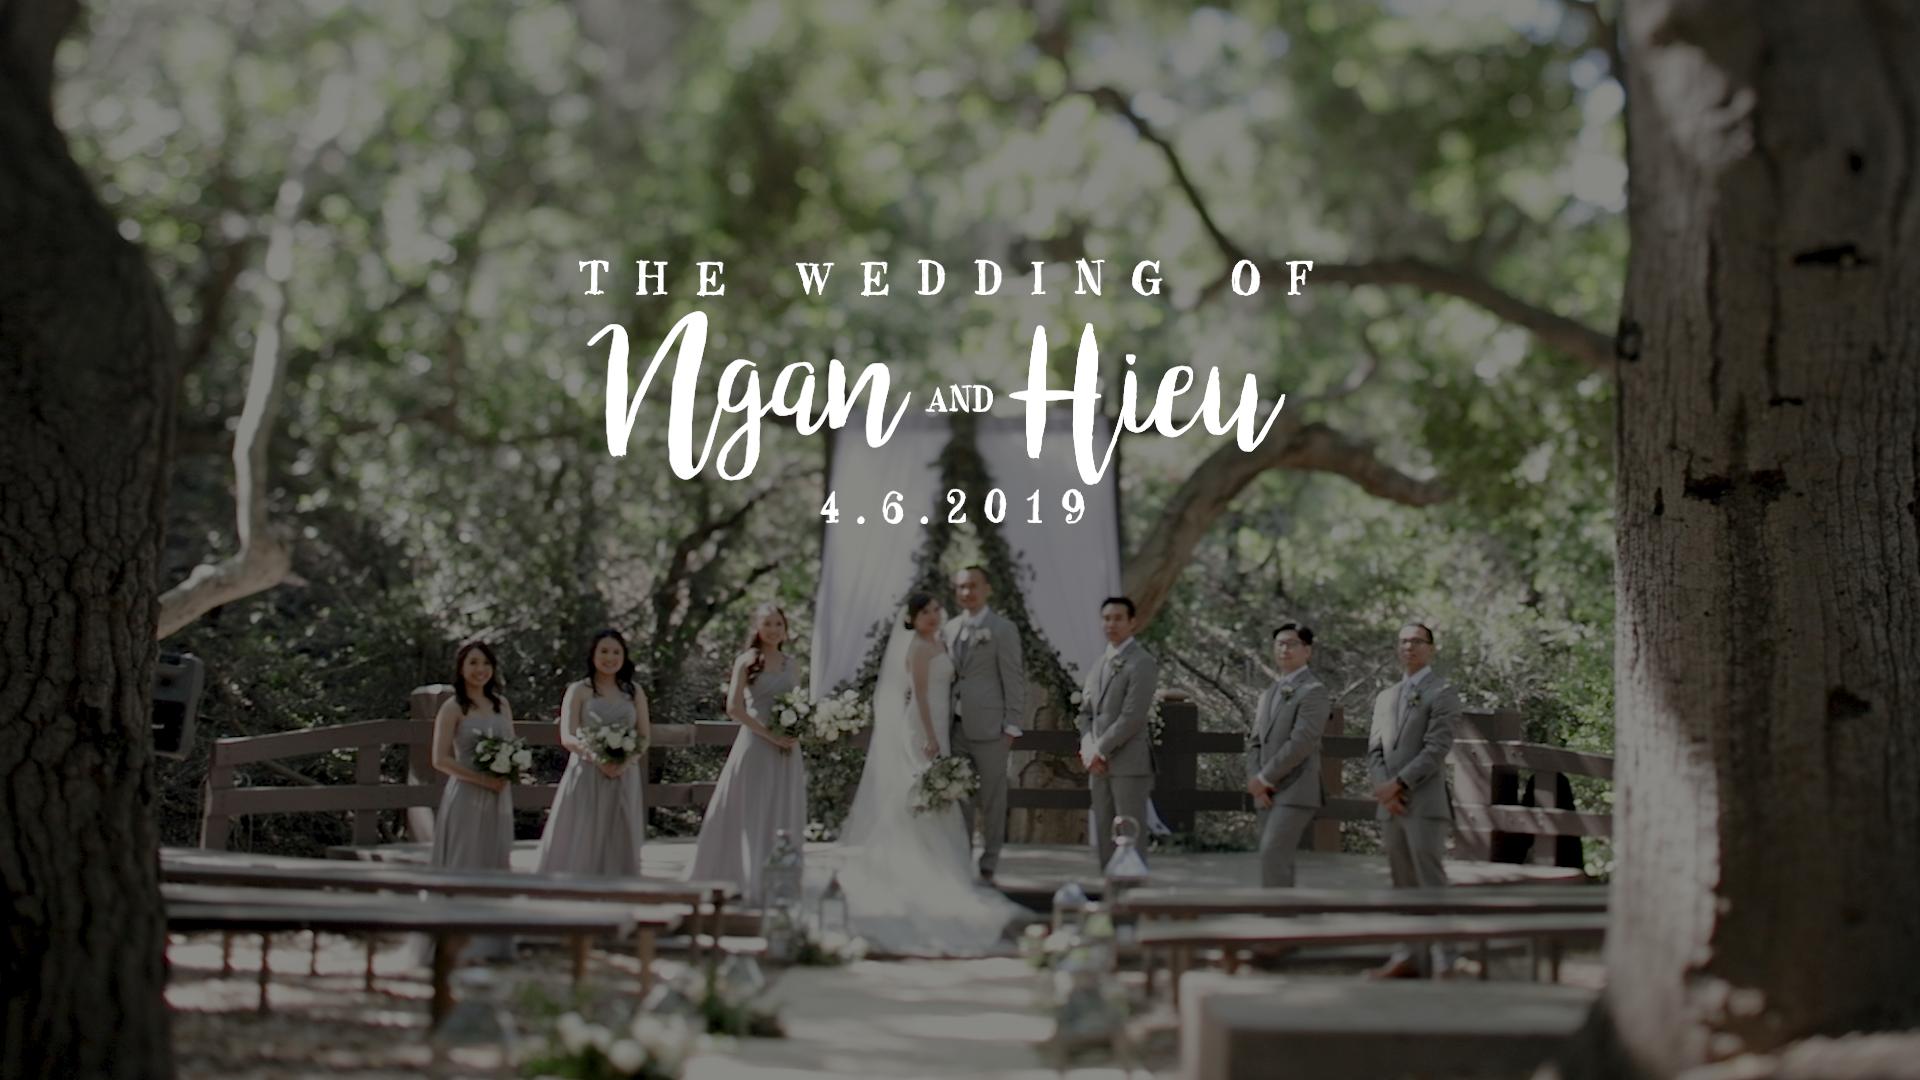 Ngan + Hieu | Huntington Beach, California | The Venue